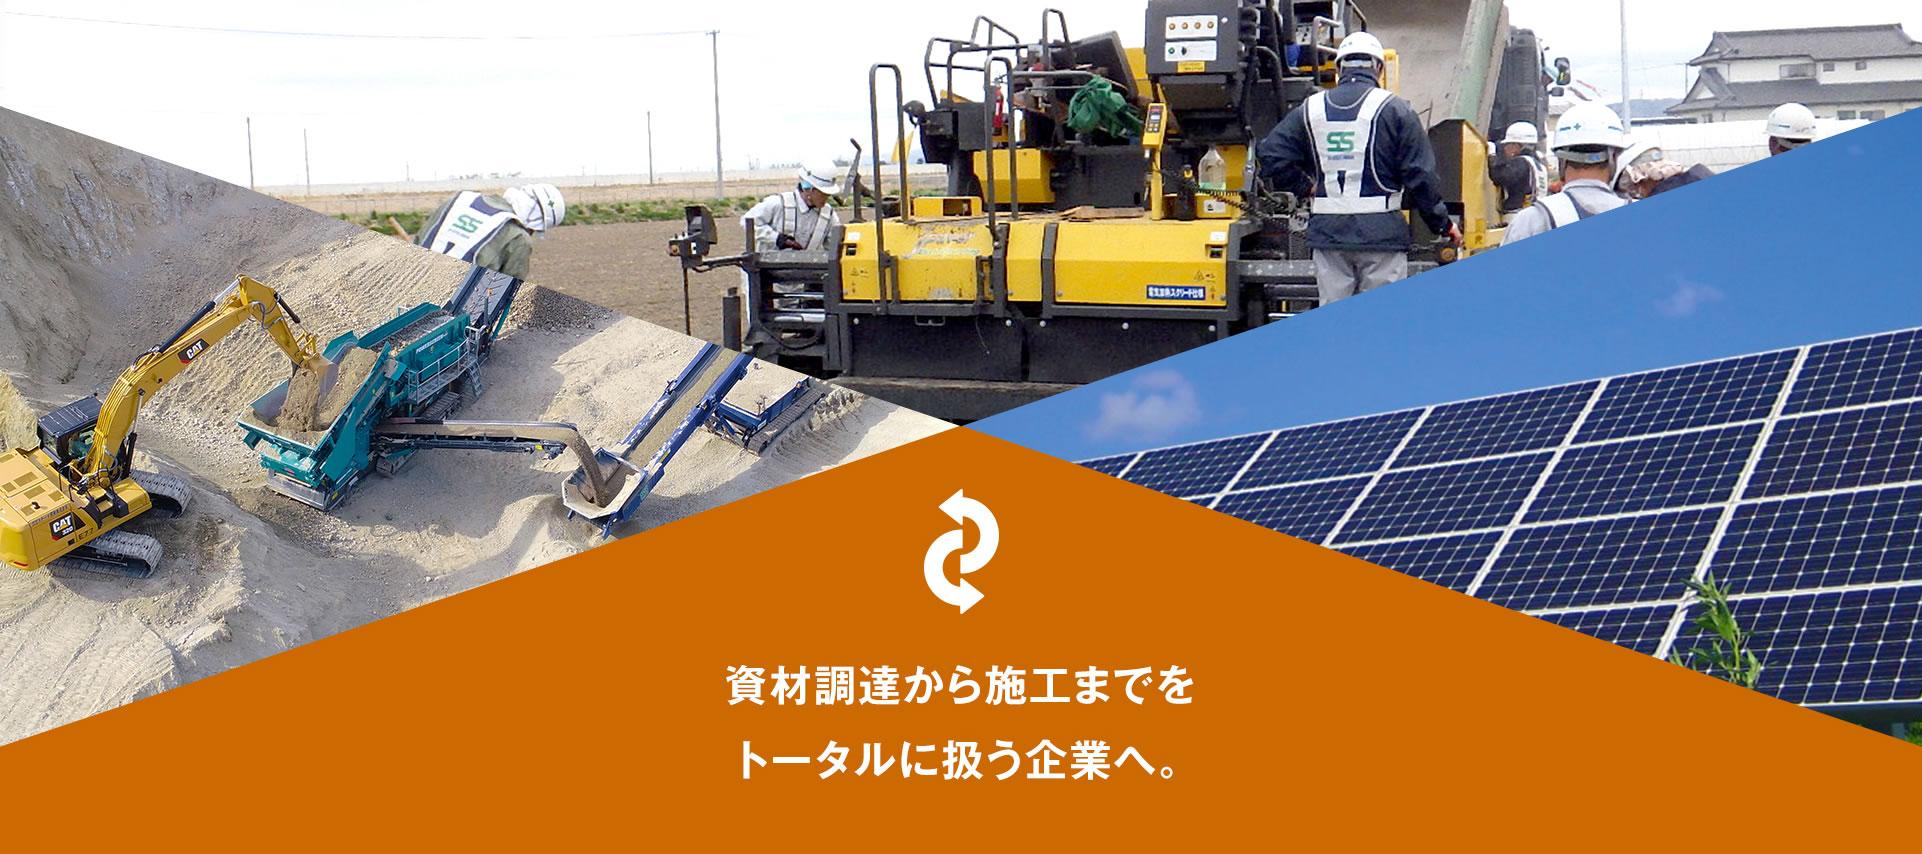 資材調達から施工までをトータルに扱う企業へ。